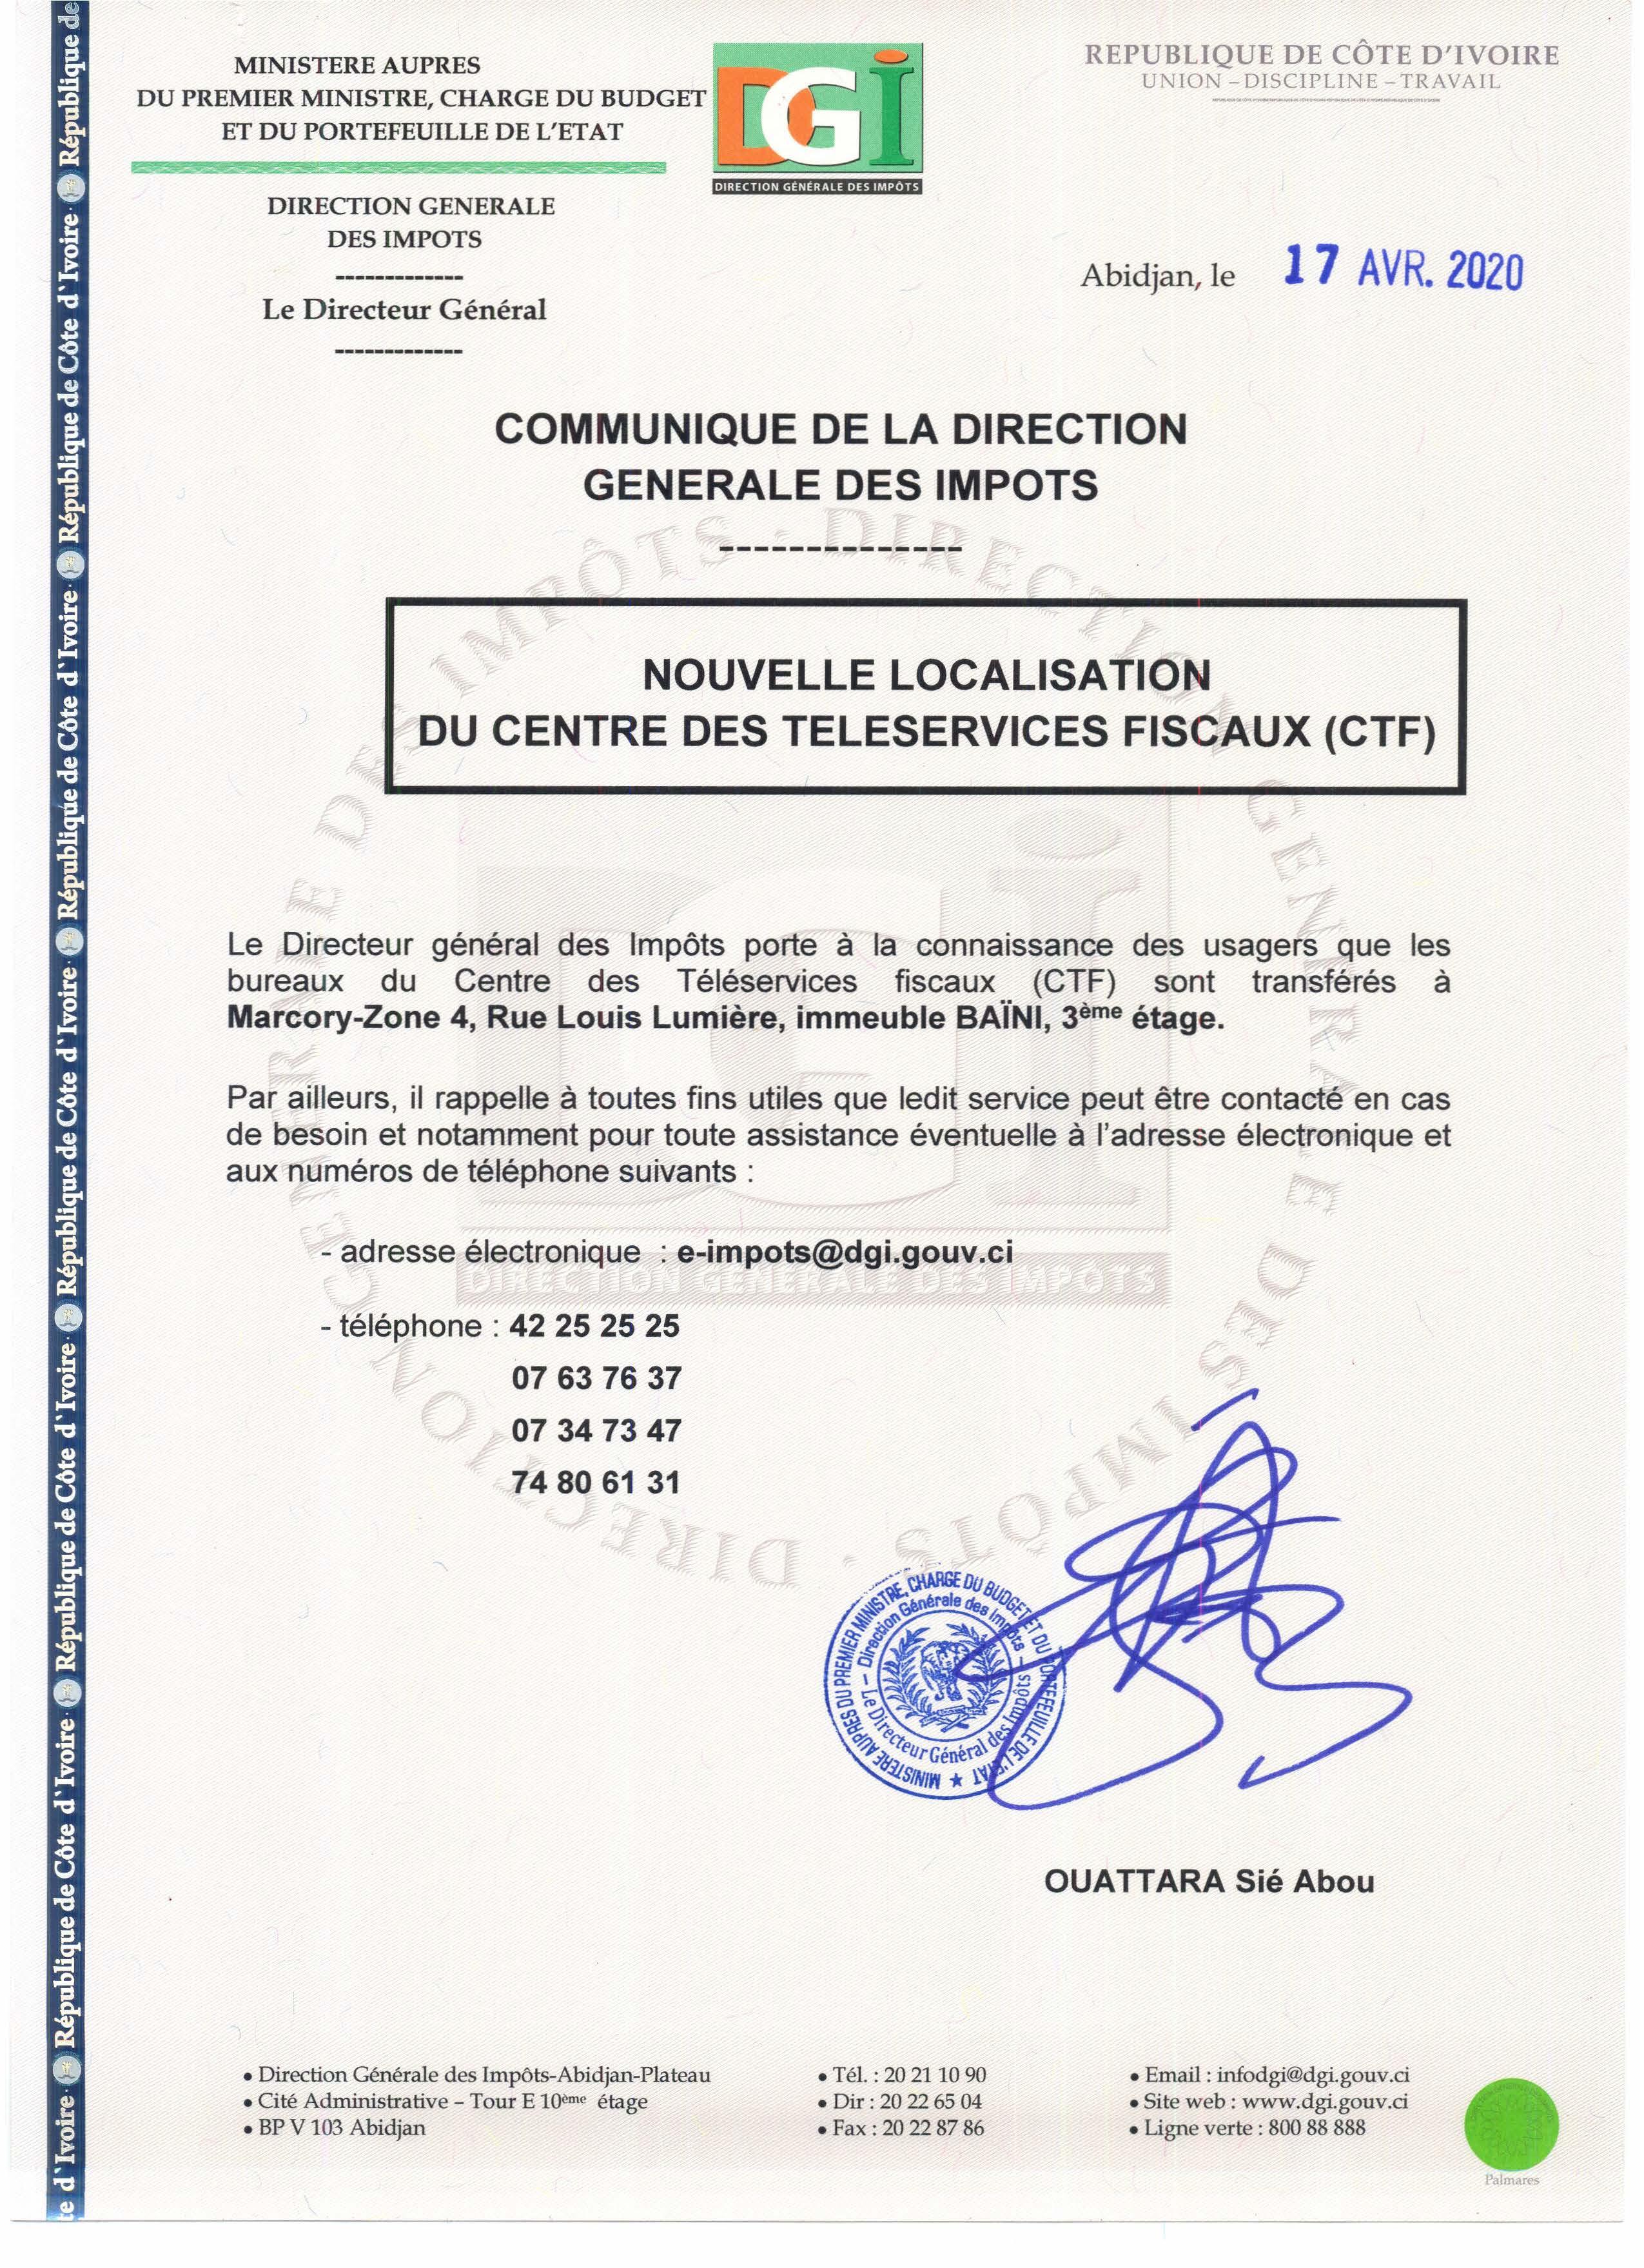 Communiqué DGI : Nouvelle localisation du Centre de Téléservices fiscaux